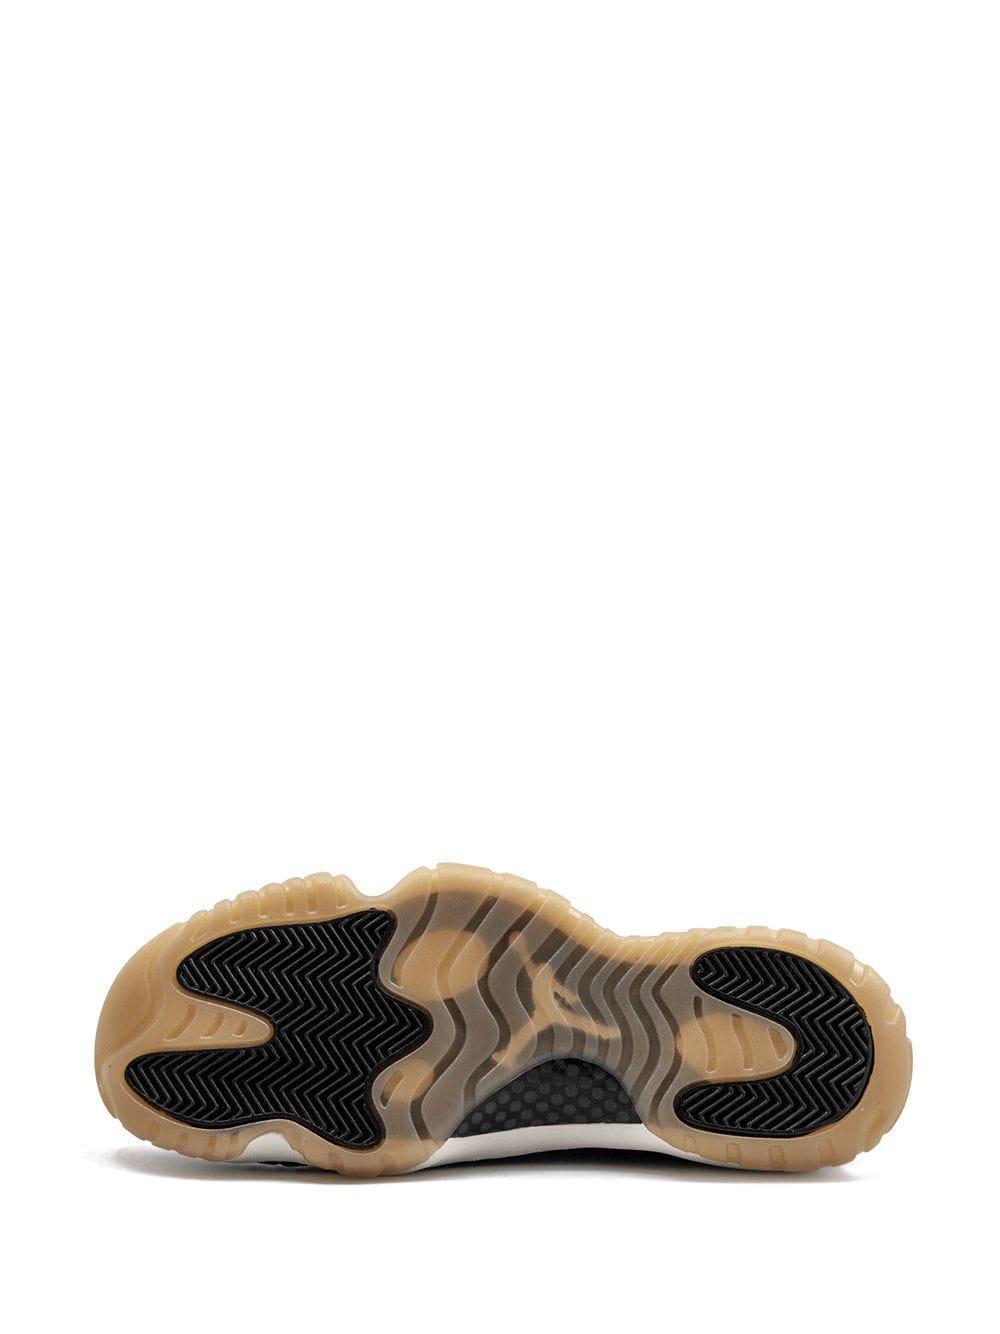 Nike Leer Air Future Premium Sneakers in het Zwart voor heren